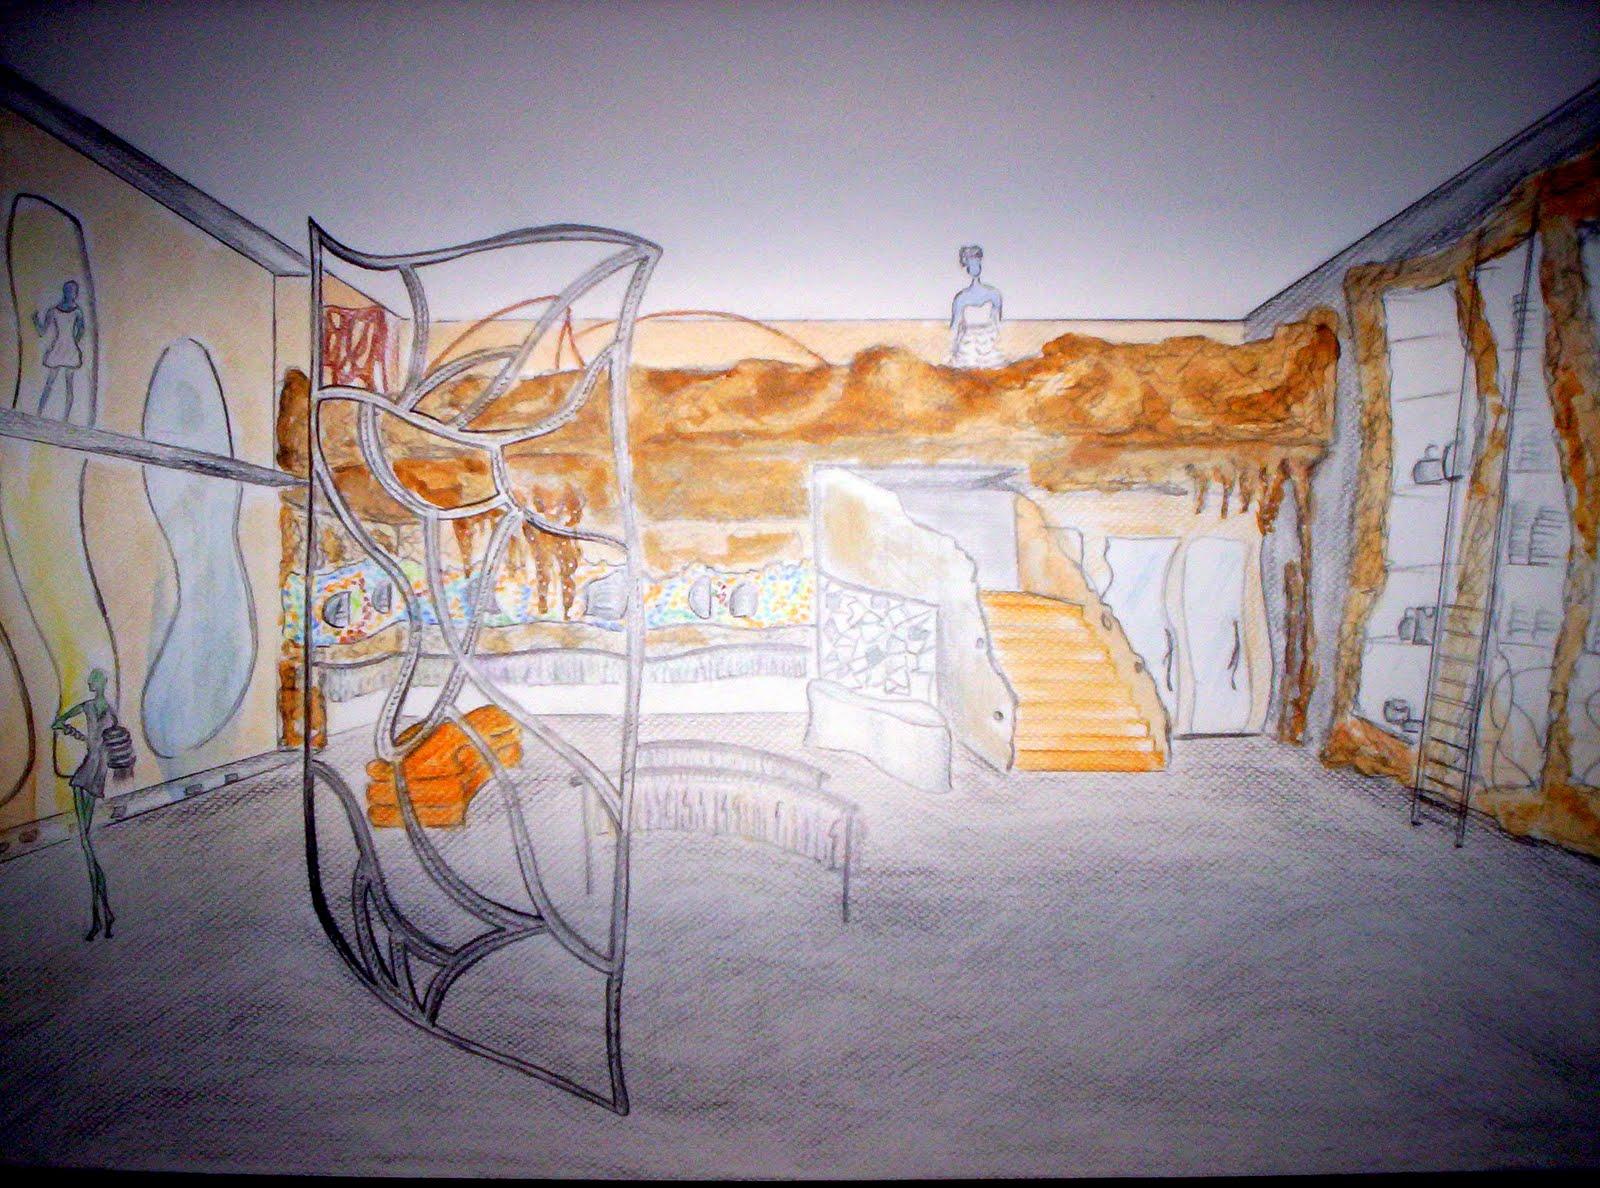 Dise o de interiores proyecto tienda de ropa 2009 - Proyecto de diseno de interiores ...